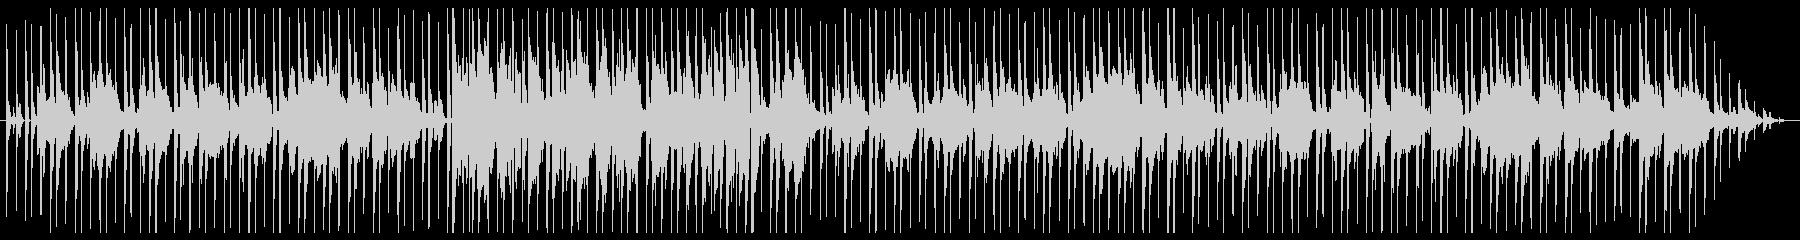 JIINO/セクシーな歌モノの未再生の波形